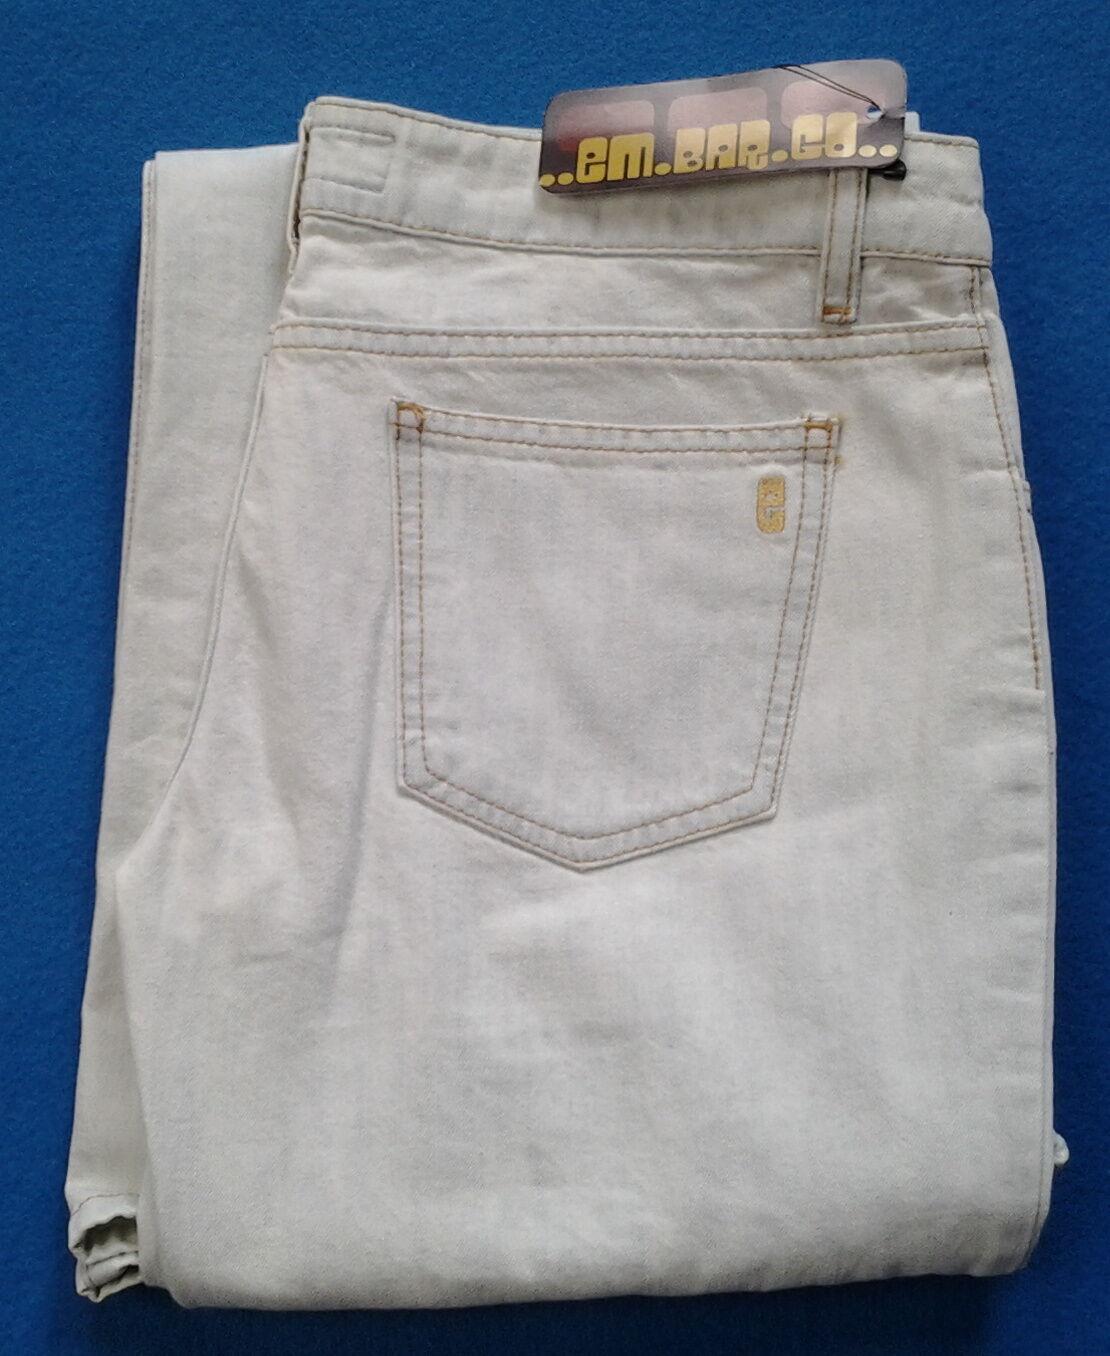 ..em.bar.go..  Damen Jeans Gr. 30 Model 400-510 used used used Look neu | Mode-Muster  | Lebensecht  | Online Outlet Store  | Angenehmes Gefühl  | König der Quantität  69da1d